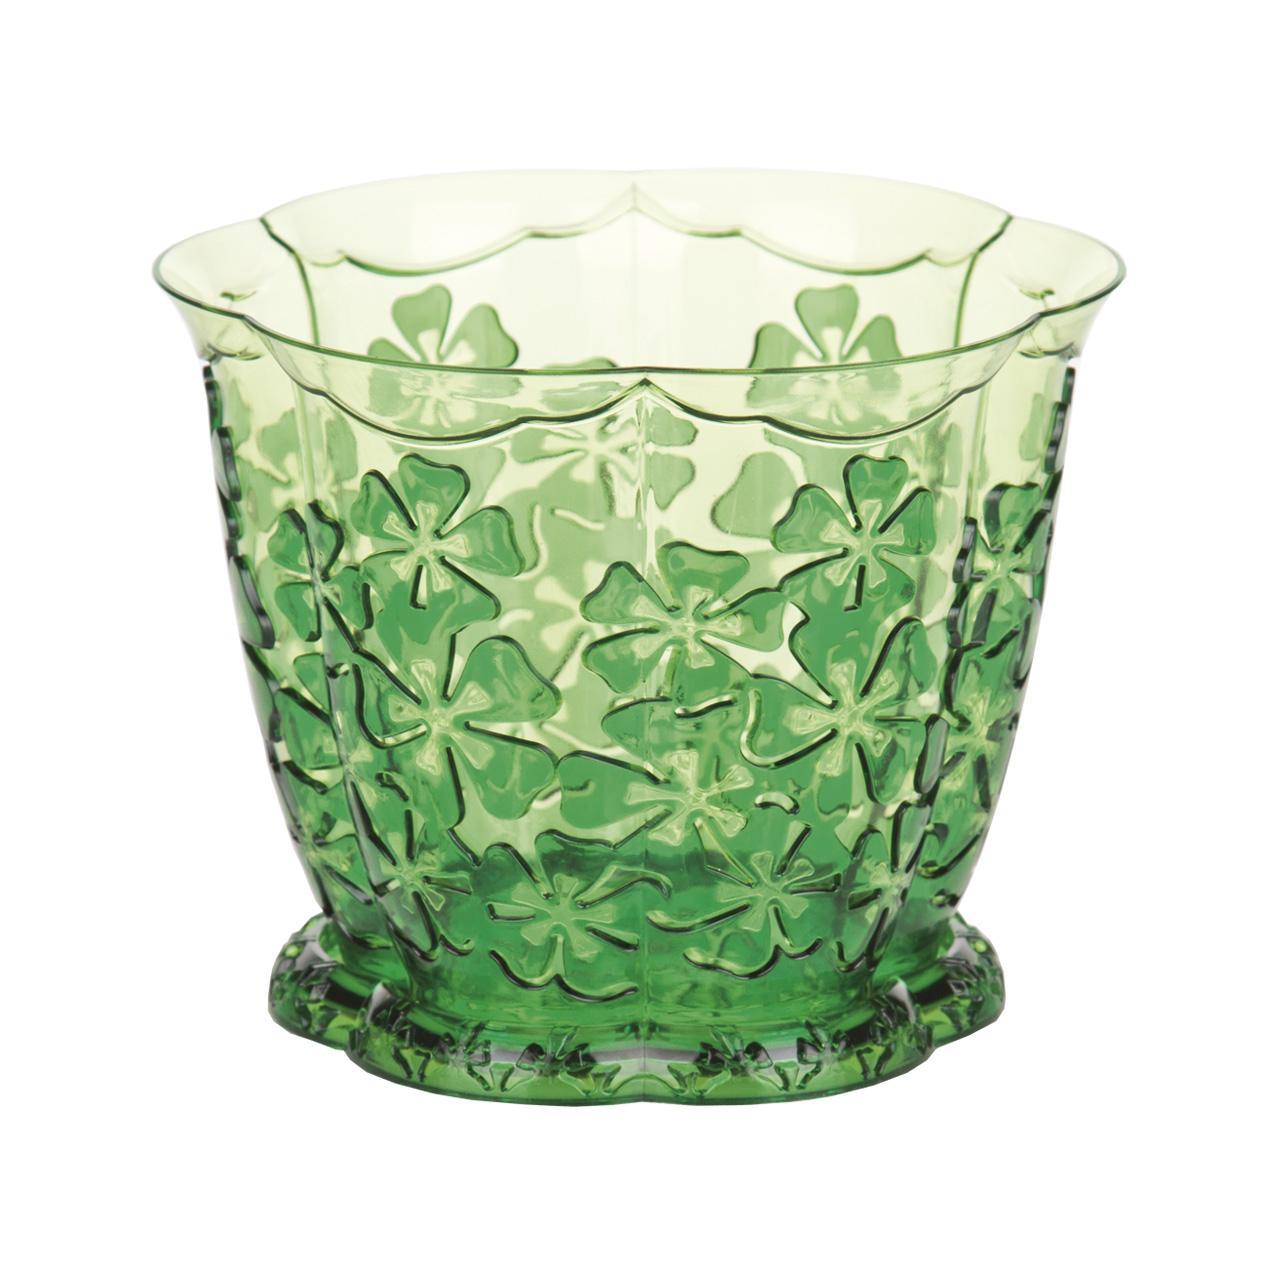 Горшок для орхидей Камелия, с поддоном, цвет: зеленый, 1,5 лМ2210Горшок для цветов Камелия представляет собой пластиковую емкость и подставку, декорированную цветочным орнаментом. Горшок прозрачный, что позволяет посадить туда орхидеи. Горшок имеет стильный дизайн, поэтому прекрасно впишется в любой интерьер. Диаметр по верхнему краю: 16 см. Объем горшка: 1,5 л.